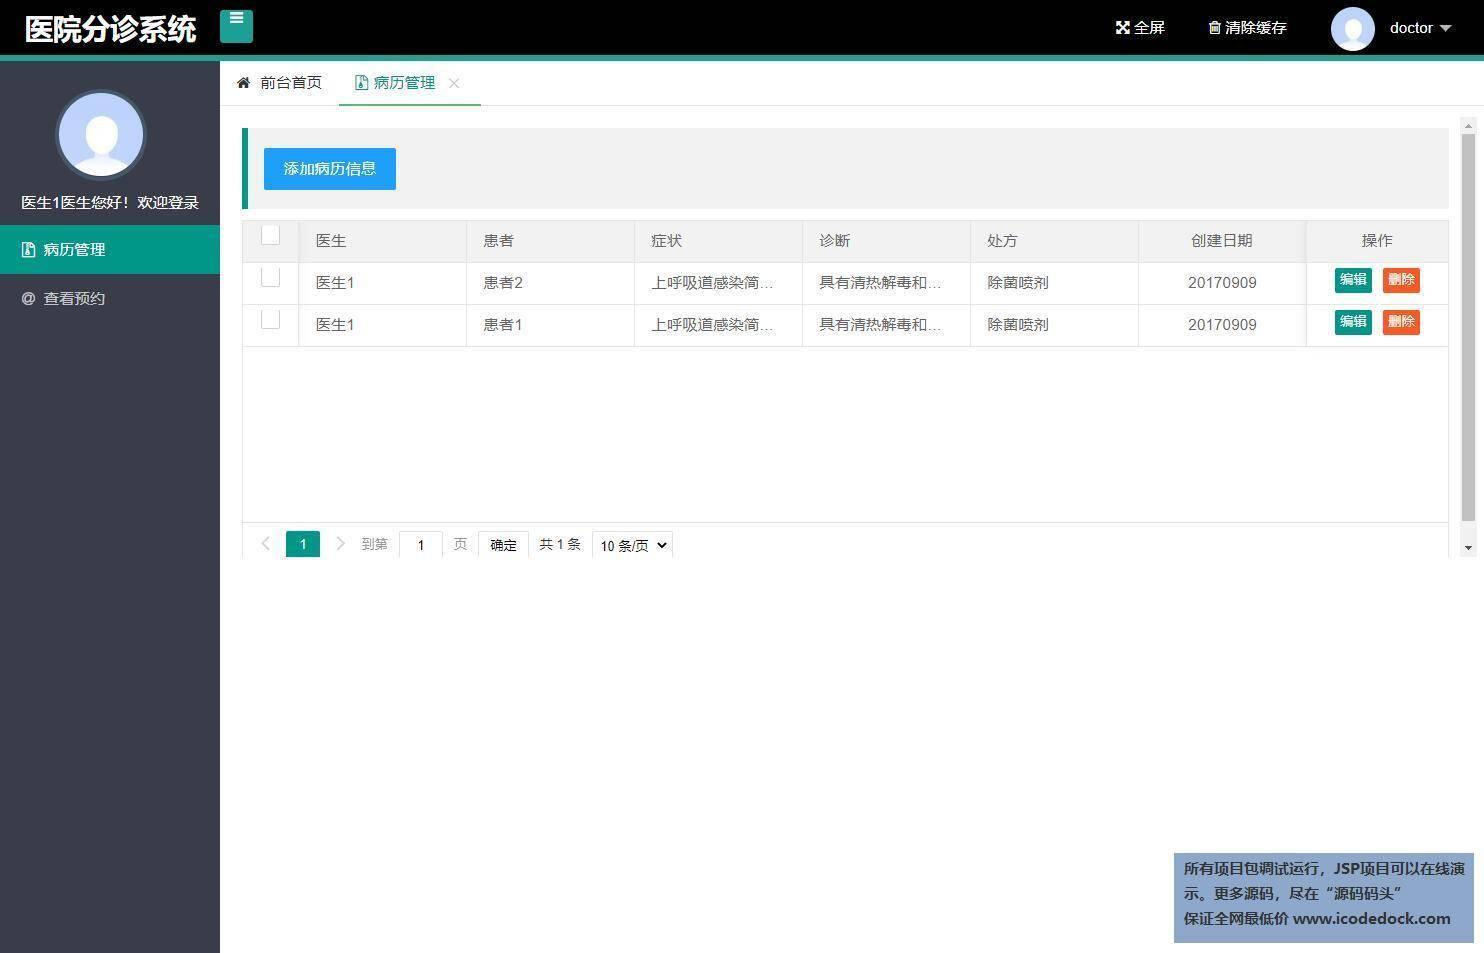 源码码头-SSH医院分诊管理系统-医生角色-病历管理